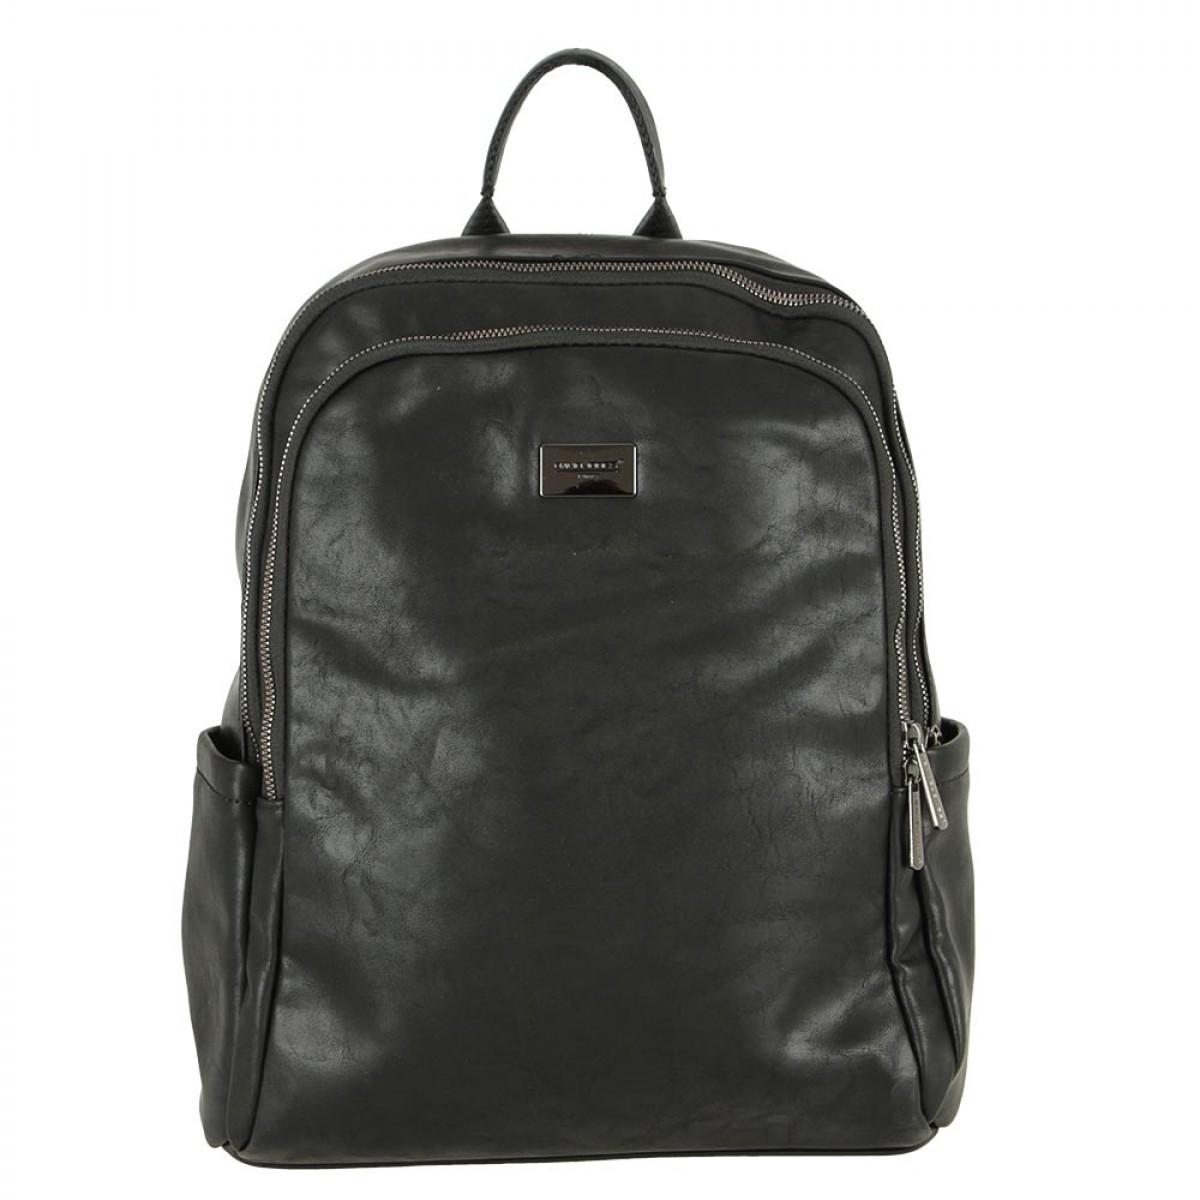 Жіночий рюкзак David Jones  CM5367 BLACK